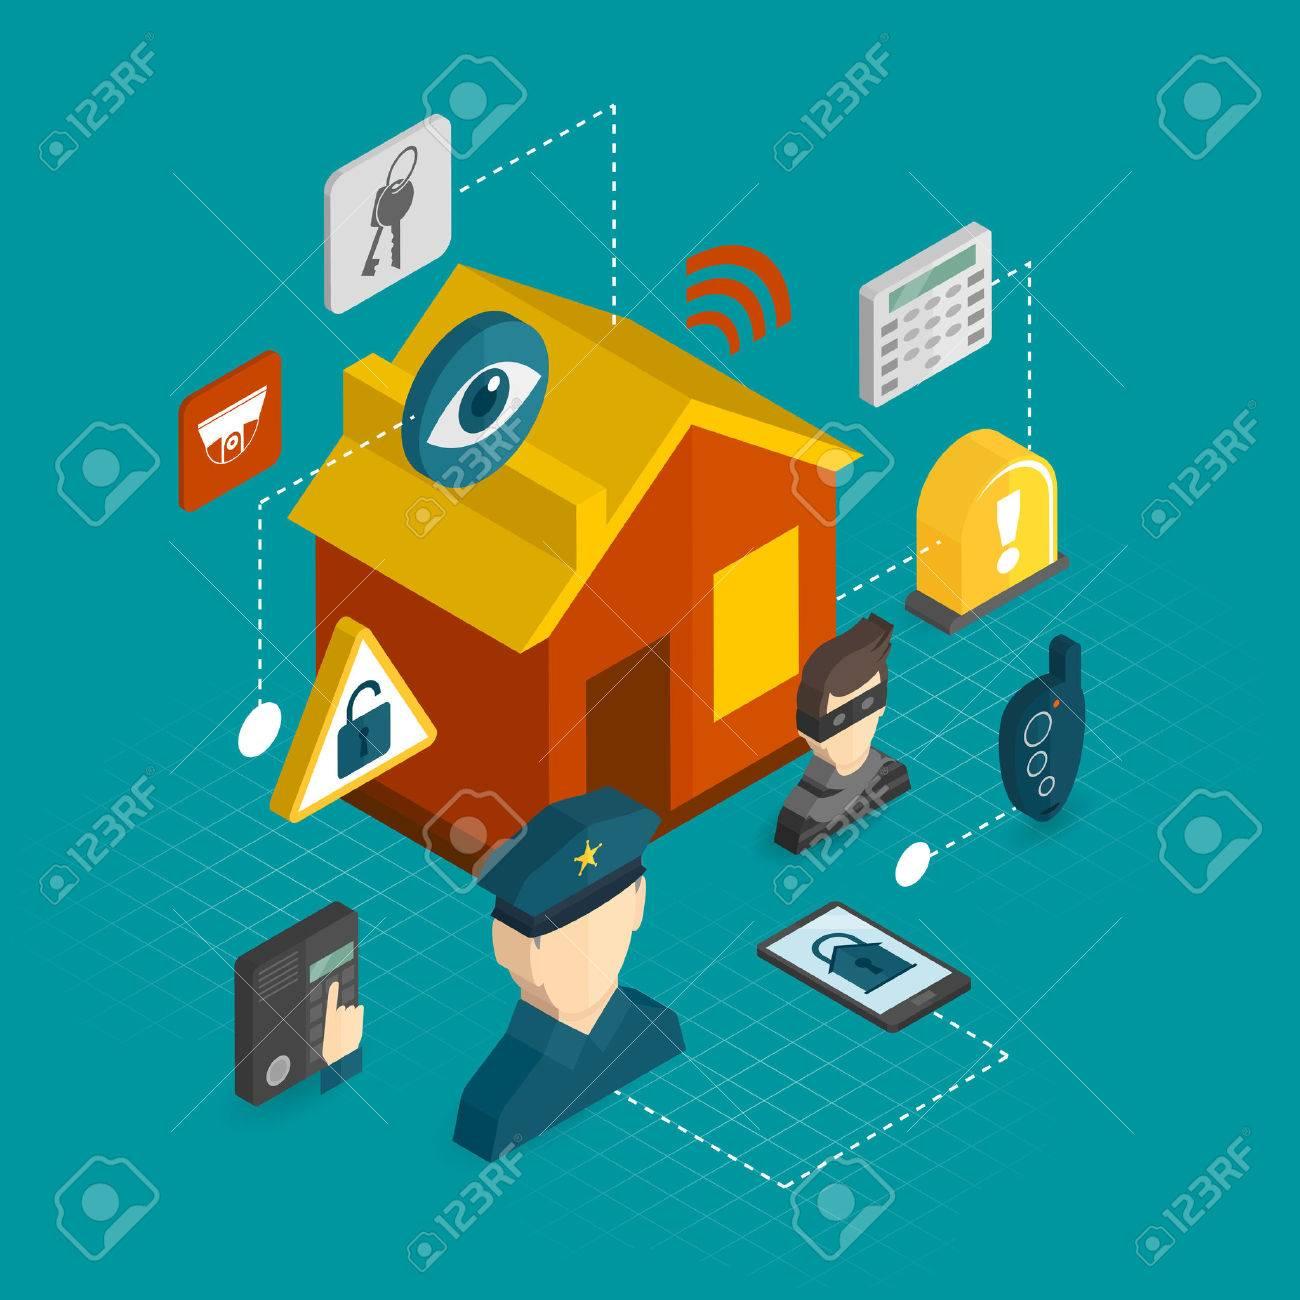 スマートハウス泥棒ガード警報システム概念ベクトル イラスト ホーム